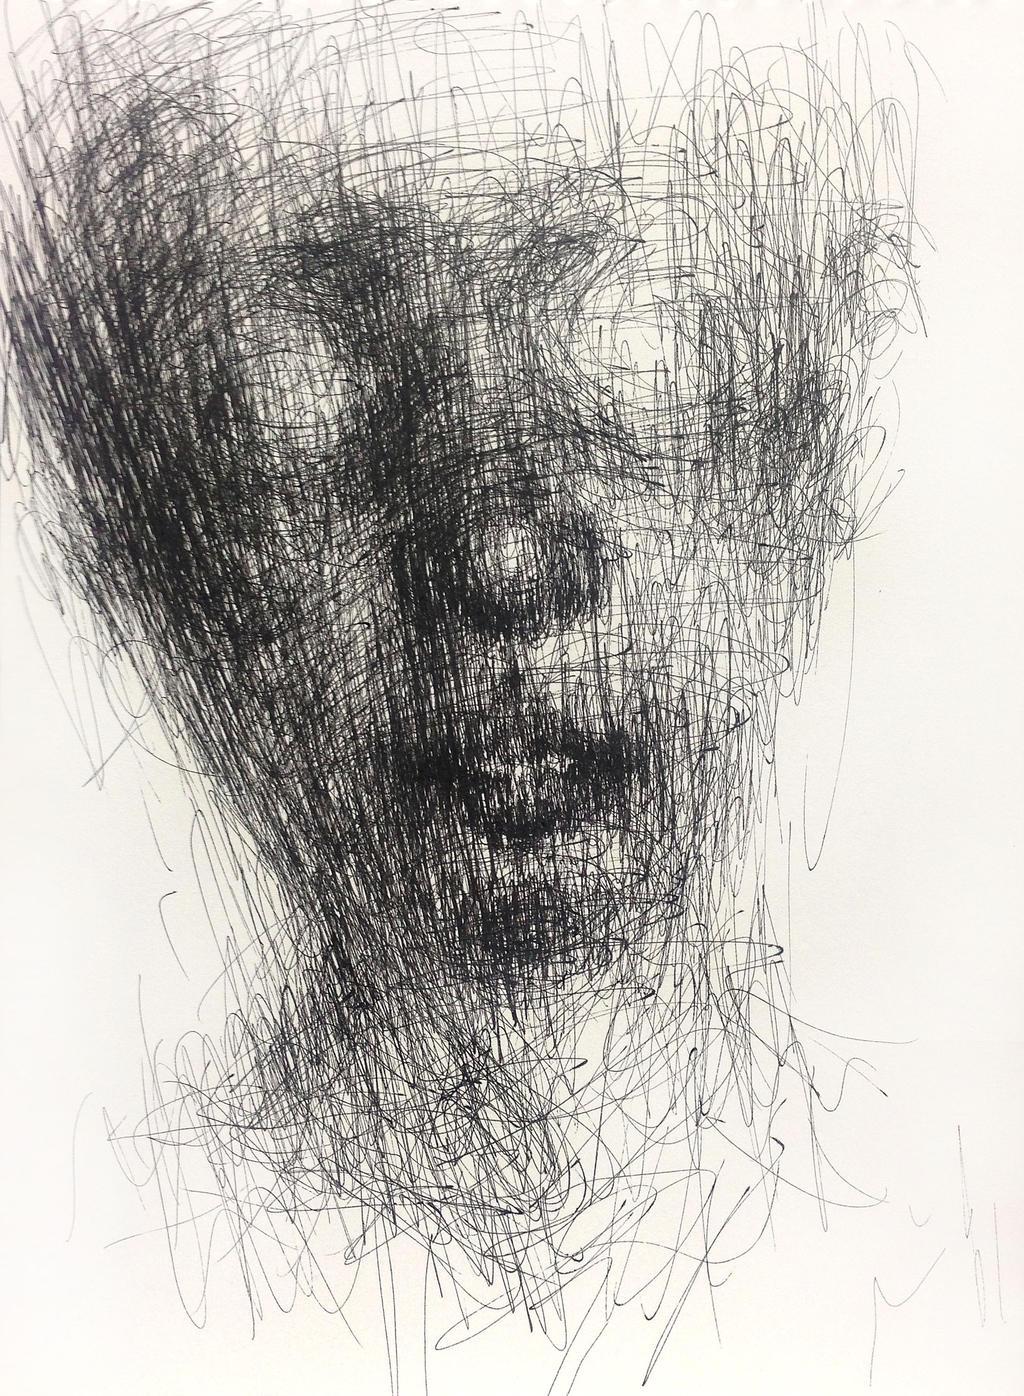 (14D04) untitled  pen on paper 25.3 x 18.3 cm by ShinKwangHo